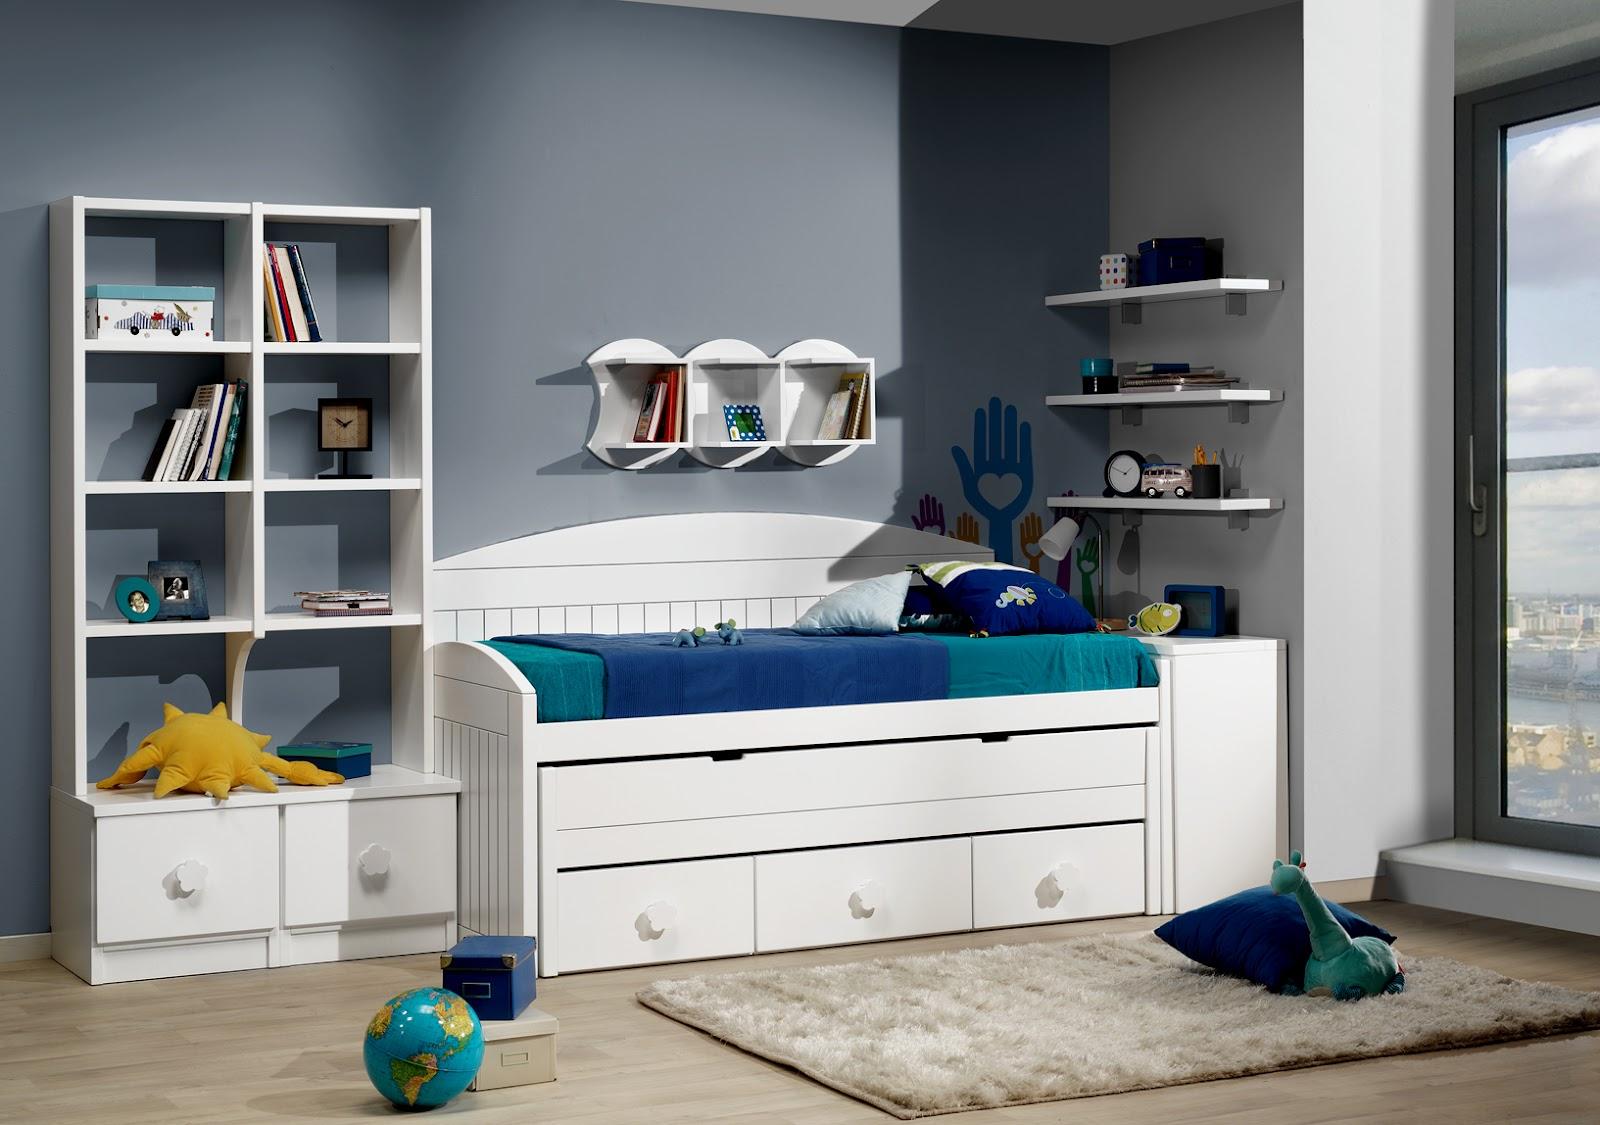 Dormitorio juvenil con cama compacto blanca con 3 cajones - Dormitorios juveniles ...